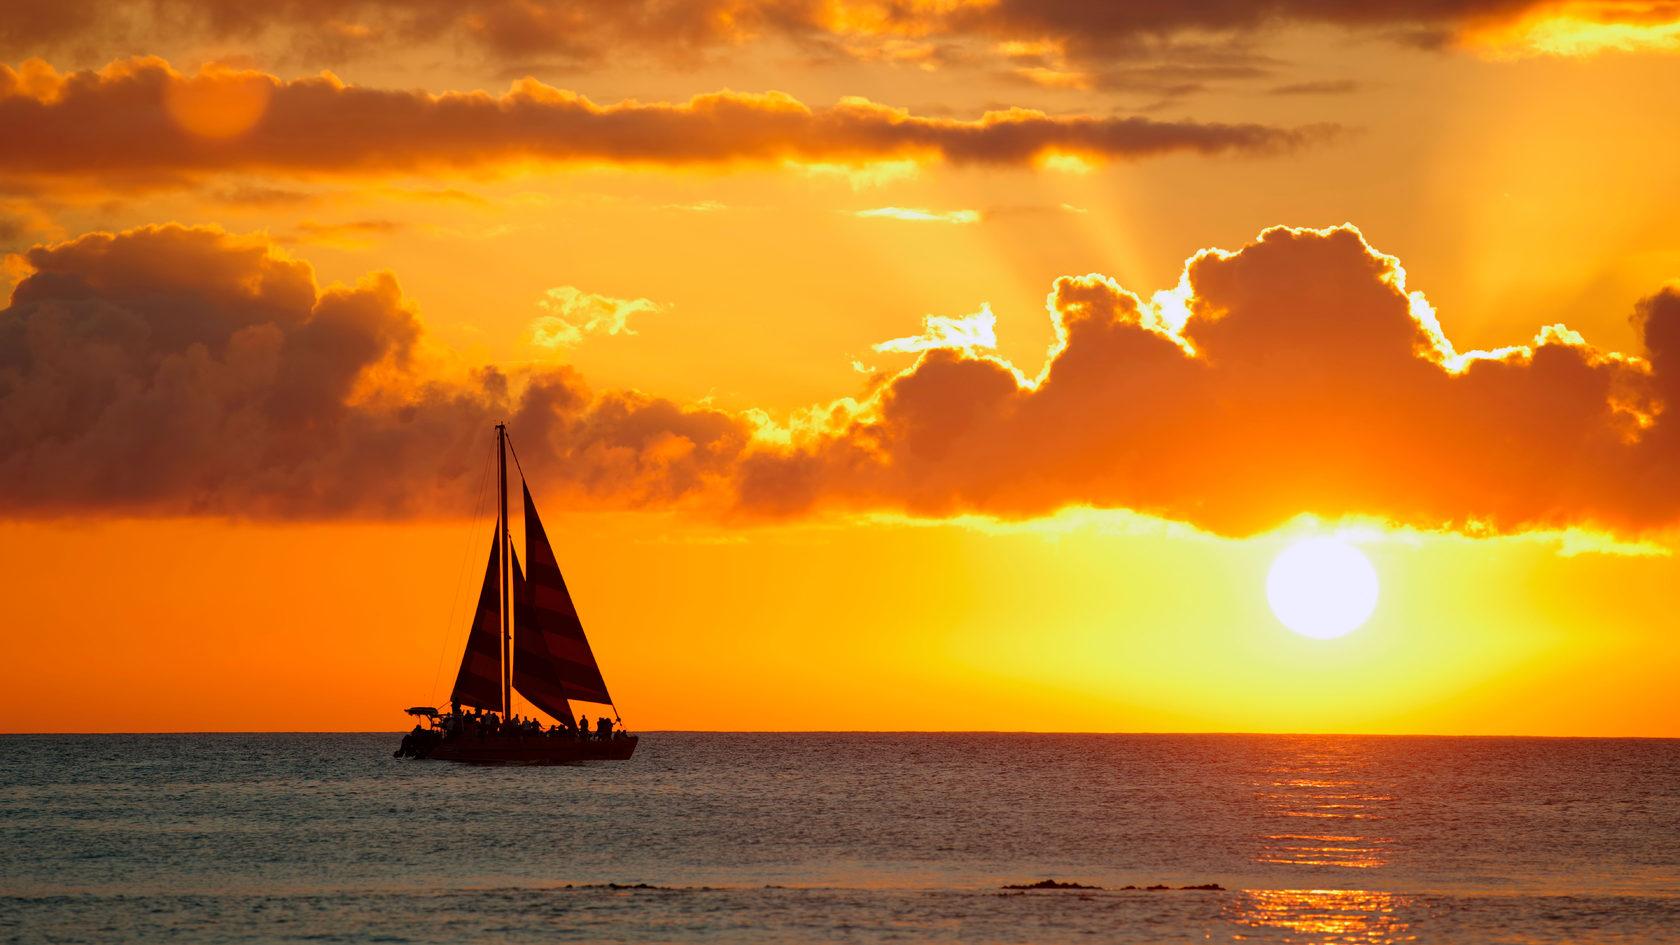 нас фотографии кораблей на солнце есть среди них